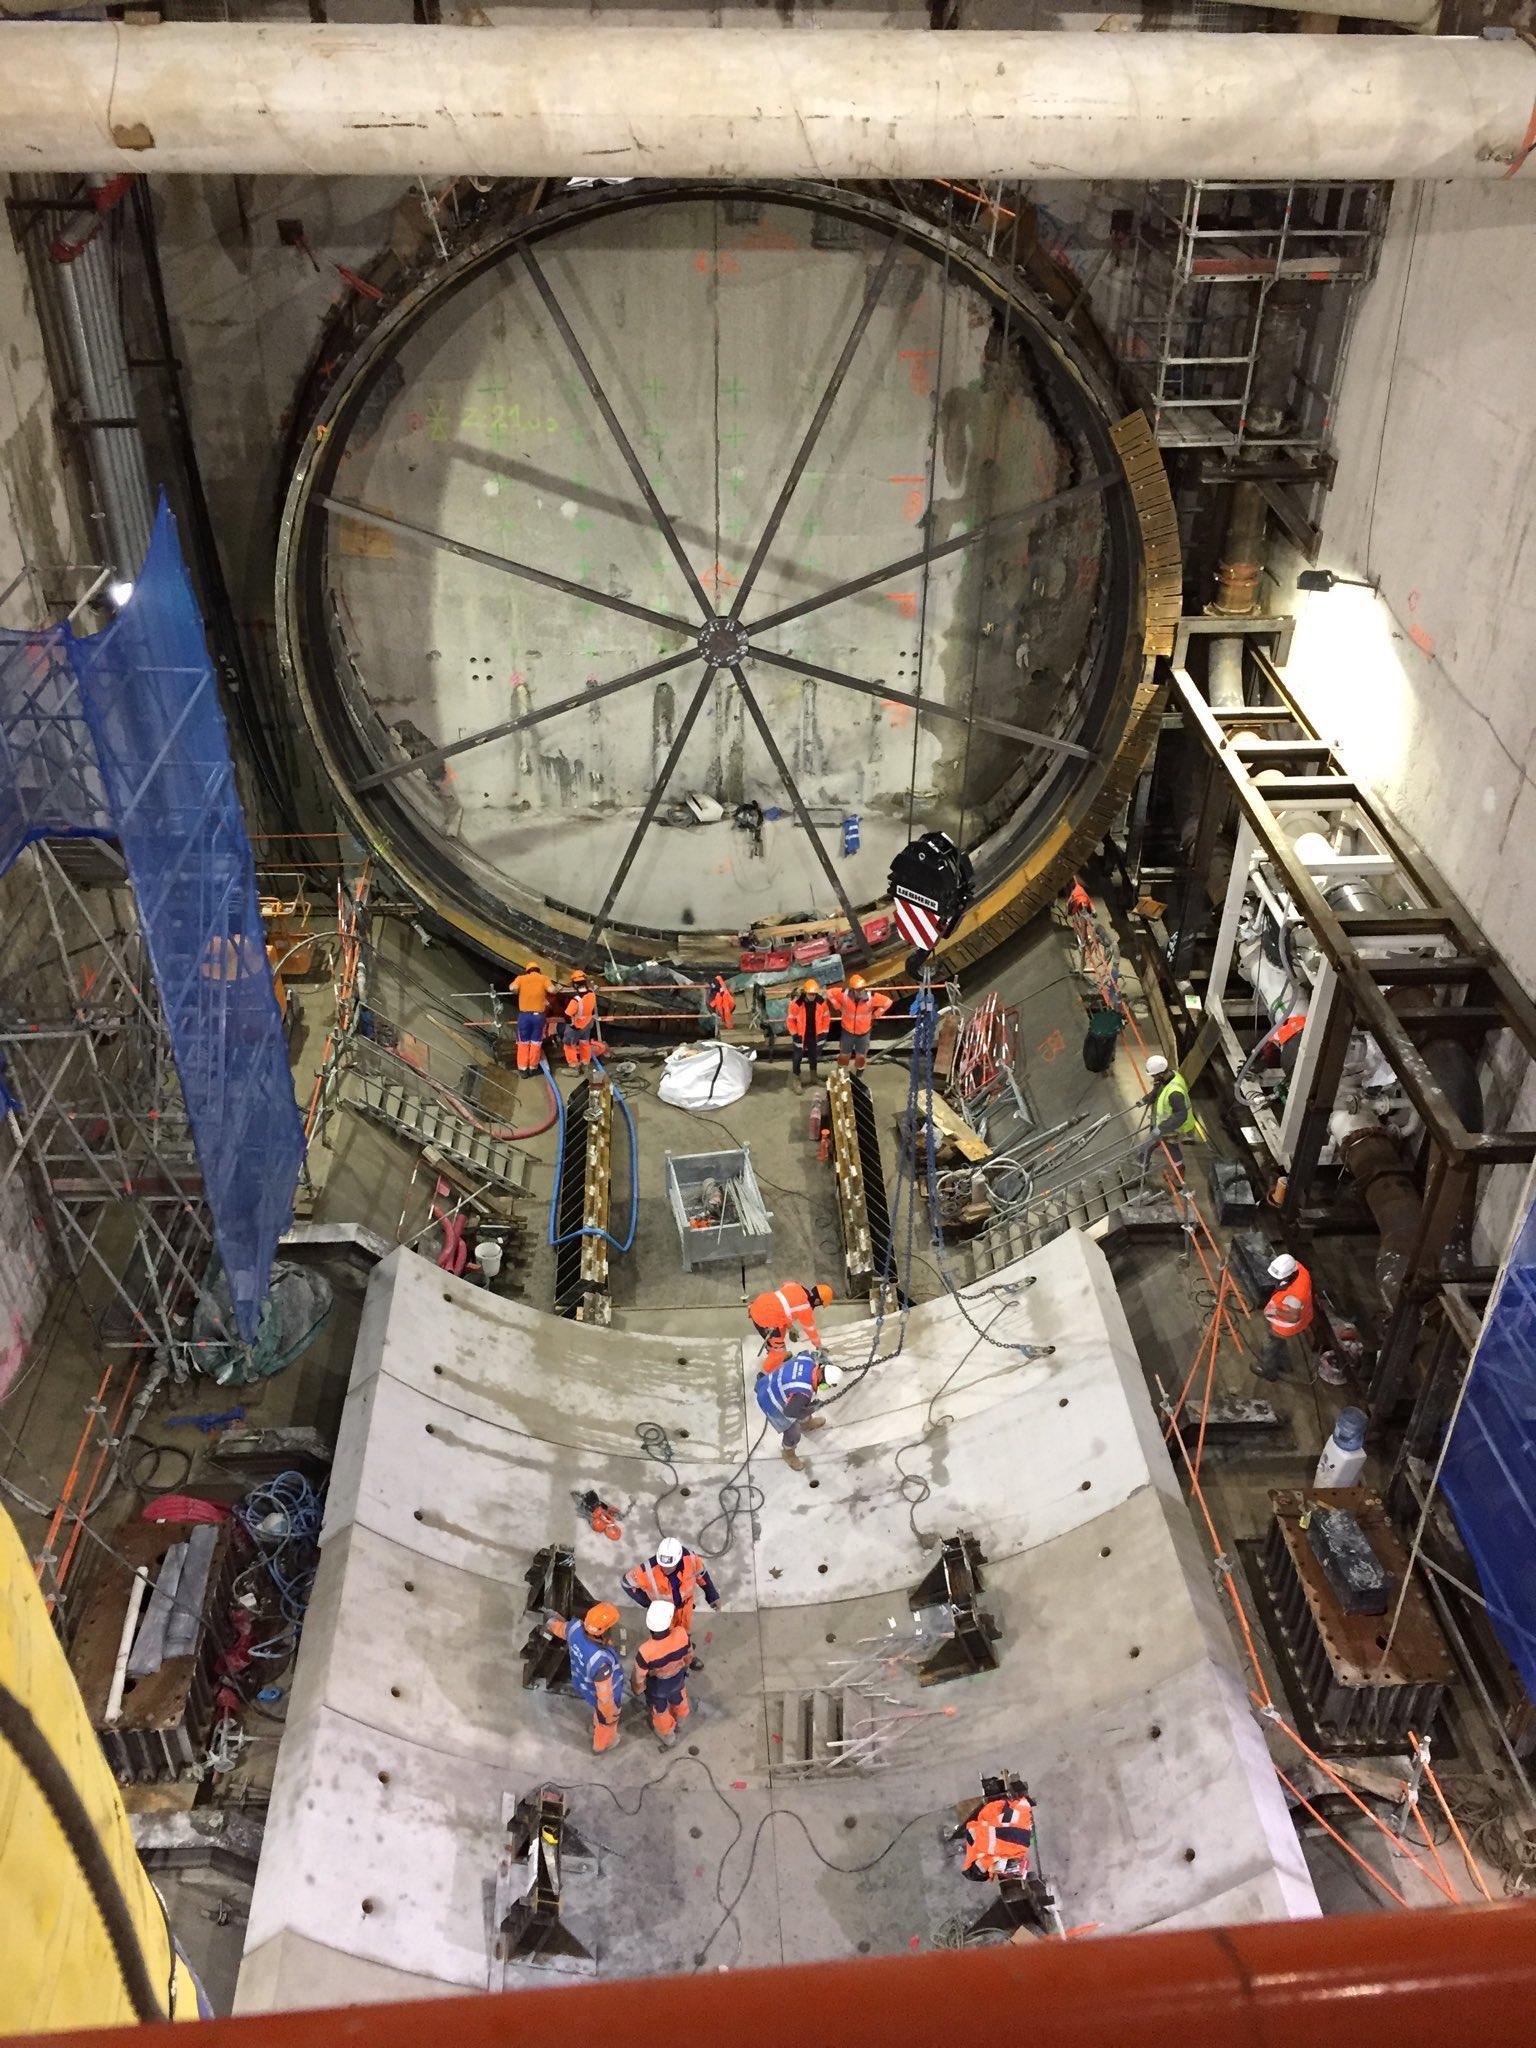 #Eole chantier en images ! Sublime à 35 mètres sous terre la Porte d'entrée du tunnelier ! Mais Si vous êtes abonnés à la newsletter Eole ! Demain tout en vidéo 😉👍 autrement abonnez vous vite !!!@SNCFReseau https://t.co/6TAKOkwkeL